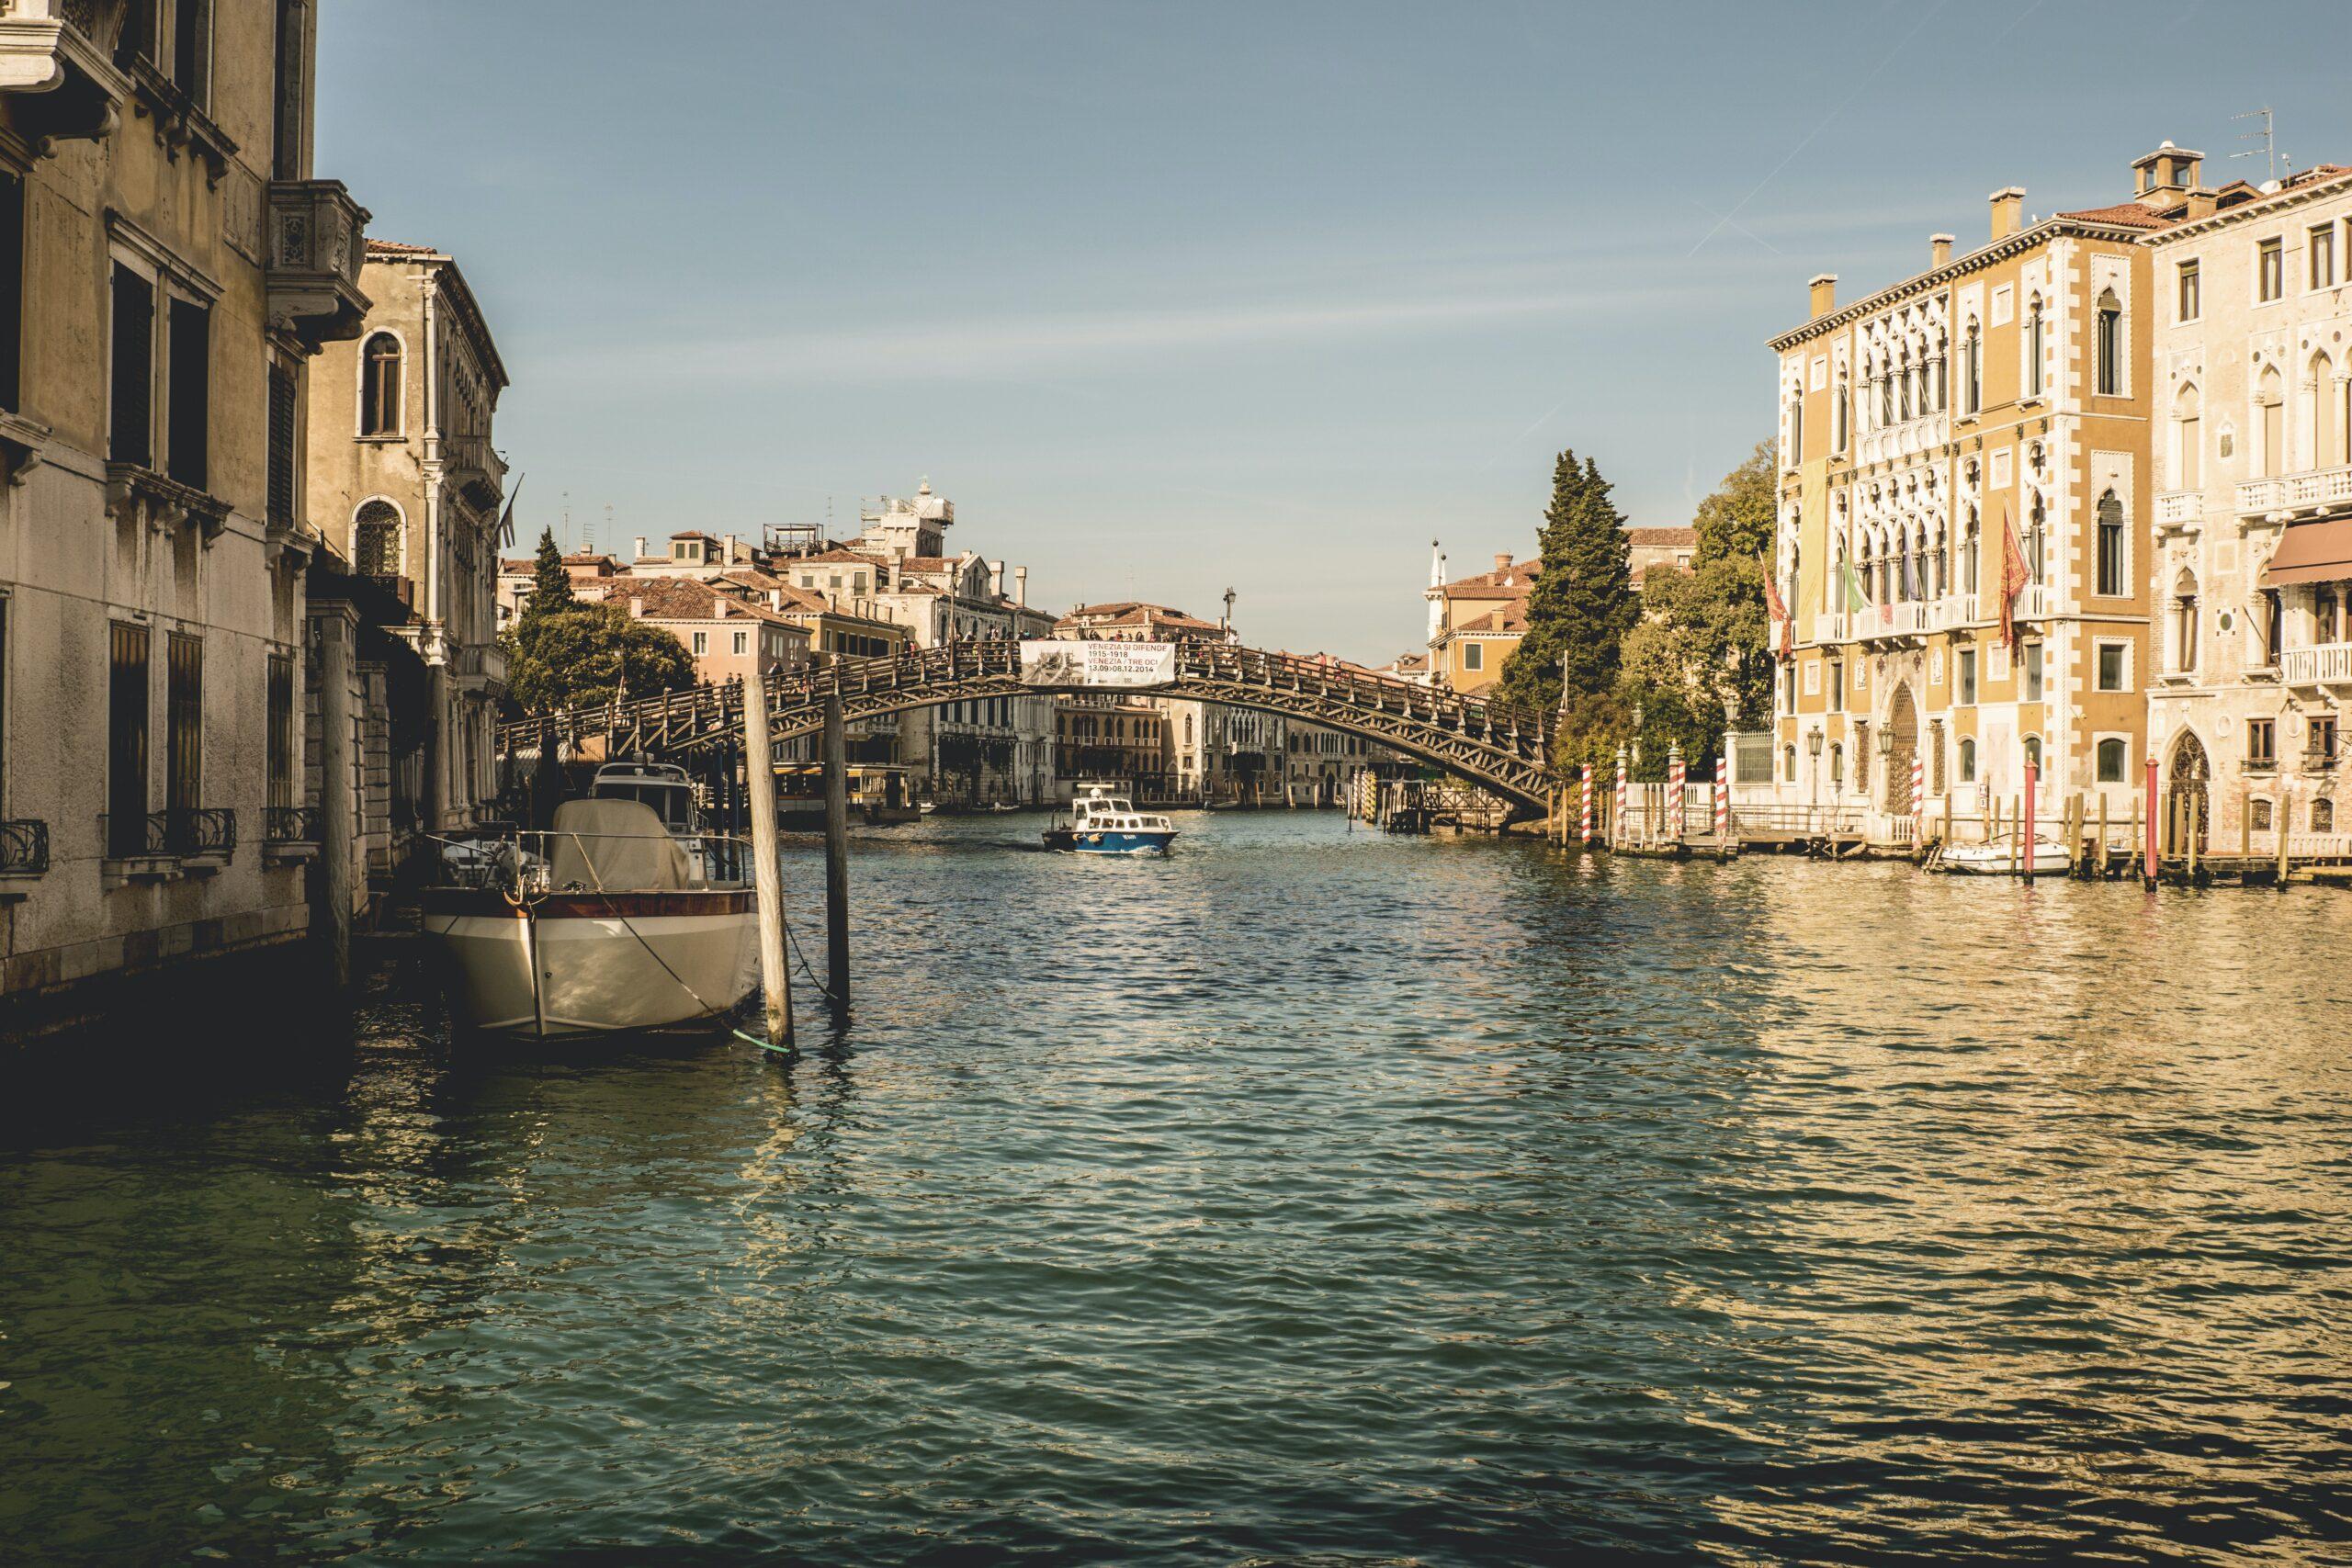 Le nuove opportunità per i giovani e per una Venezia ancor più attenta all'ambiente